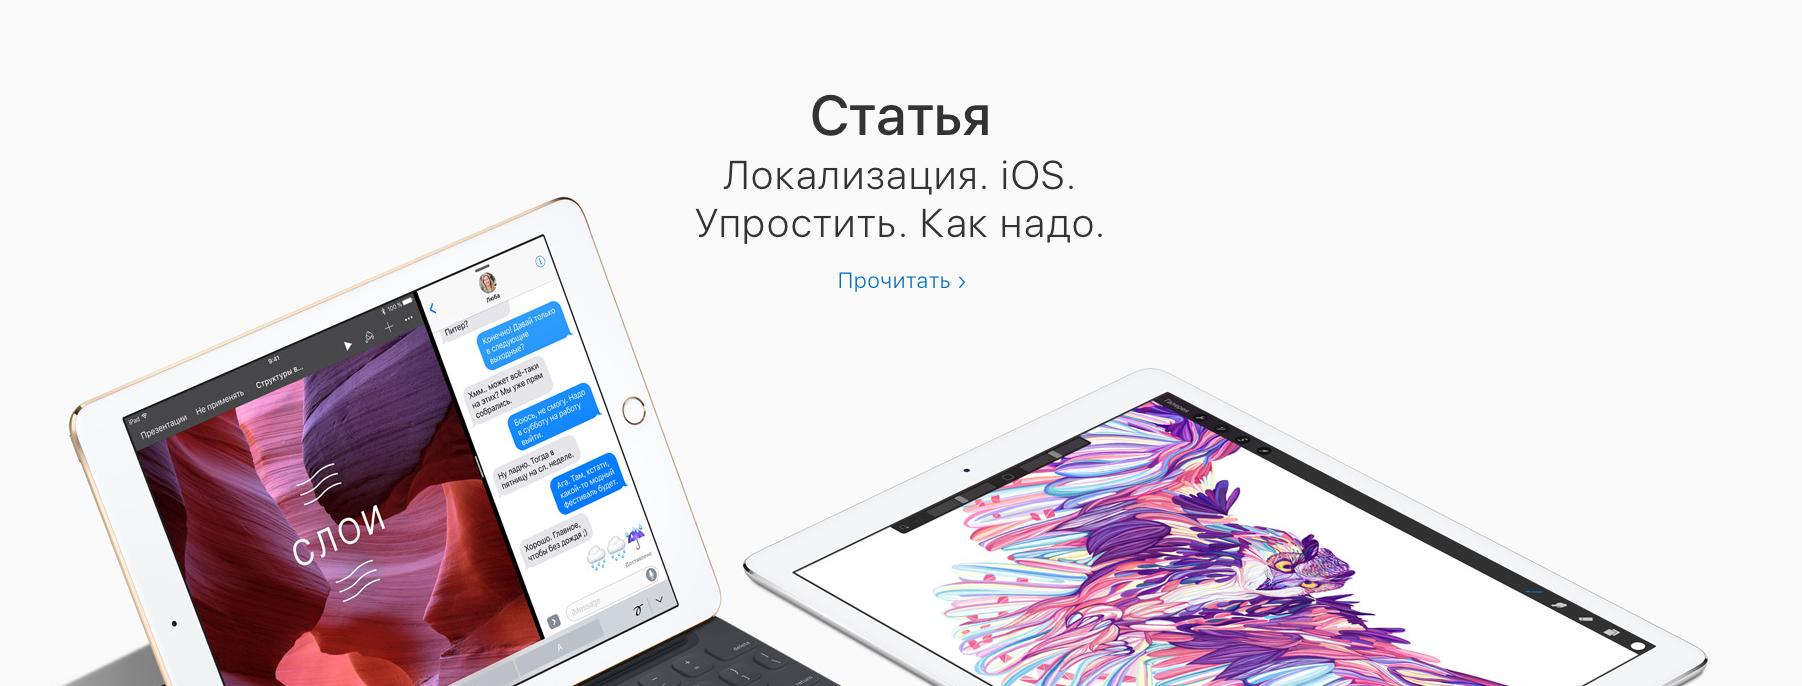 Wi-fi analyzer для android